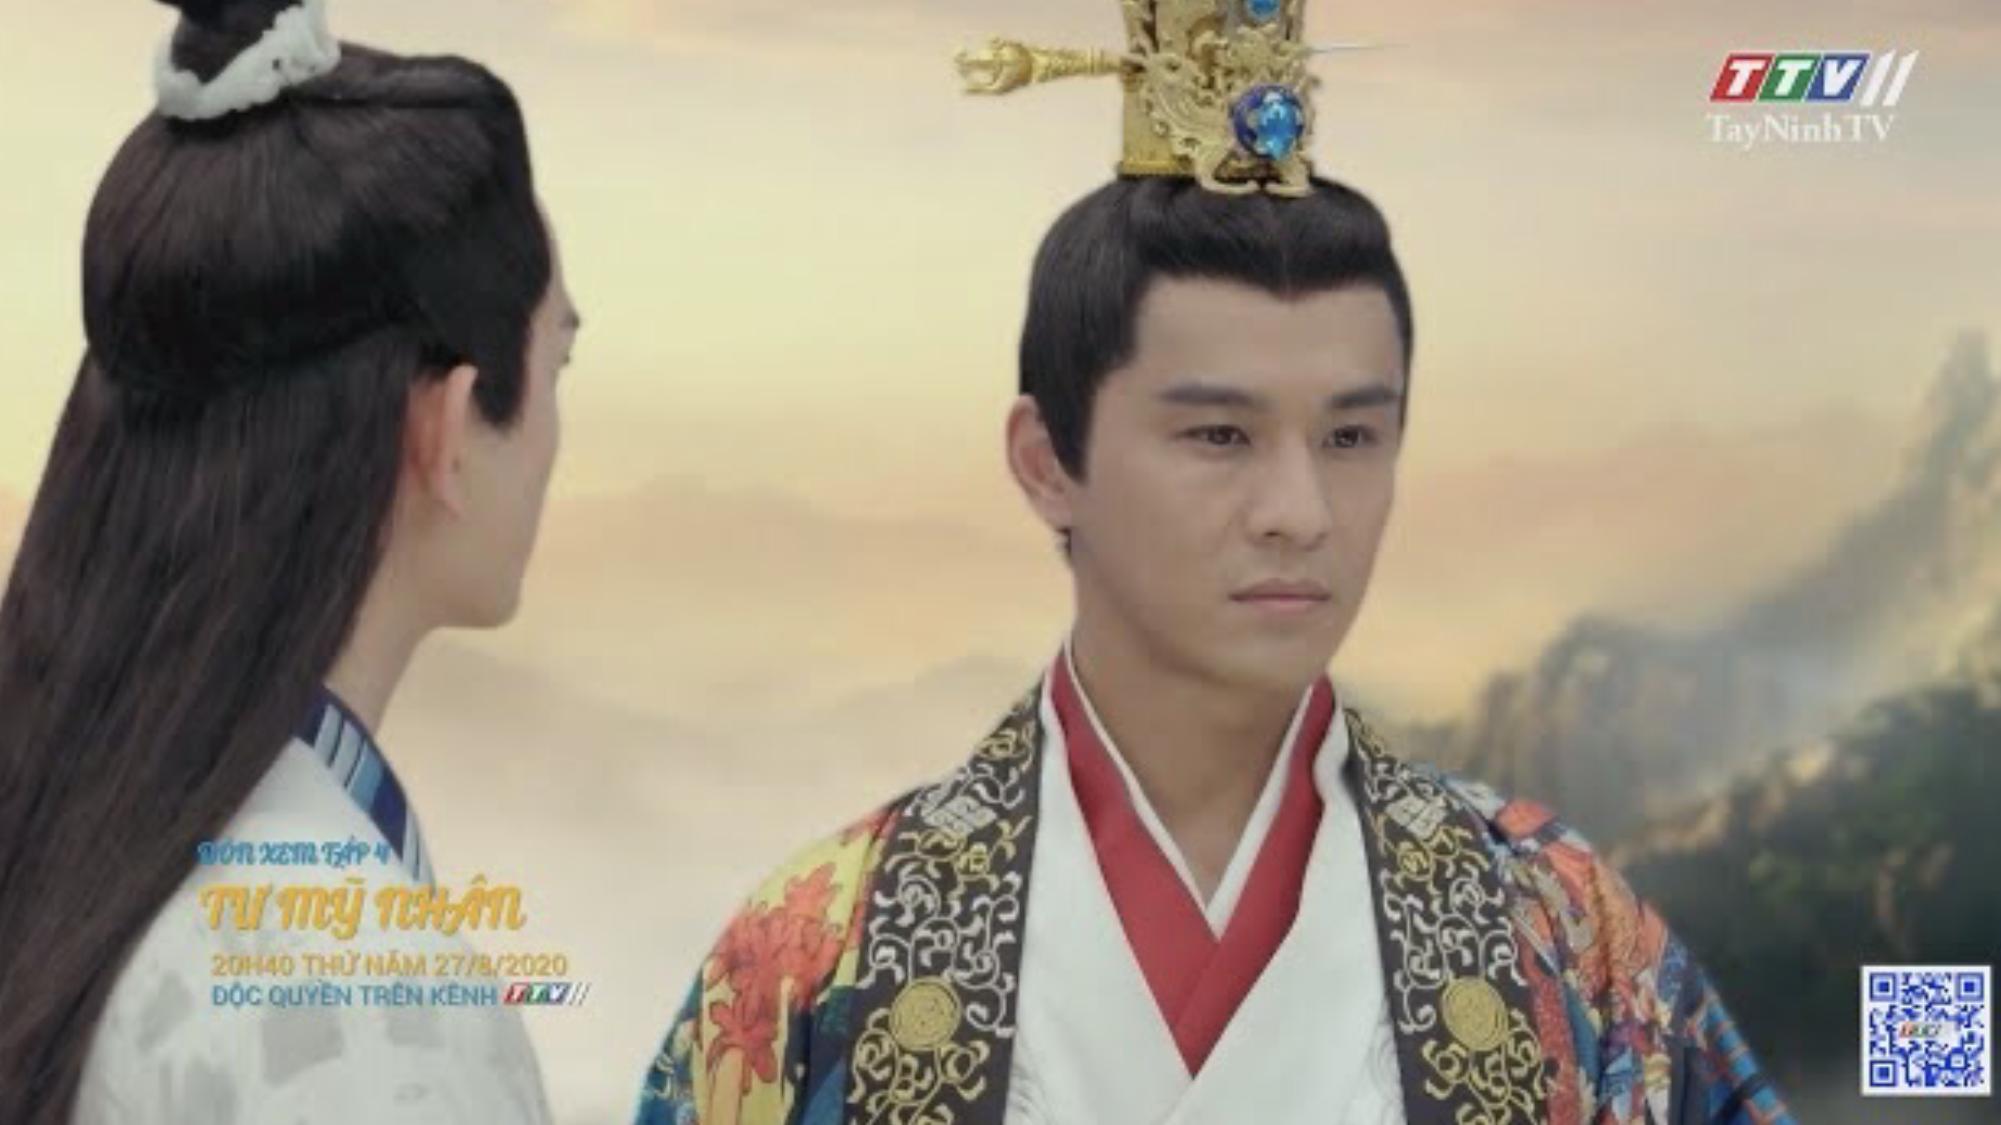 Tư mỹ nhân- TẬP 4 trailer   PHIM TƯ MỸ NHÂN   TayNinhTV